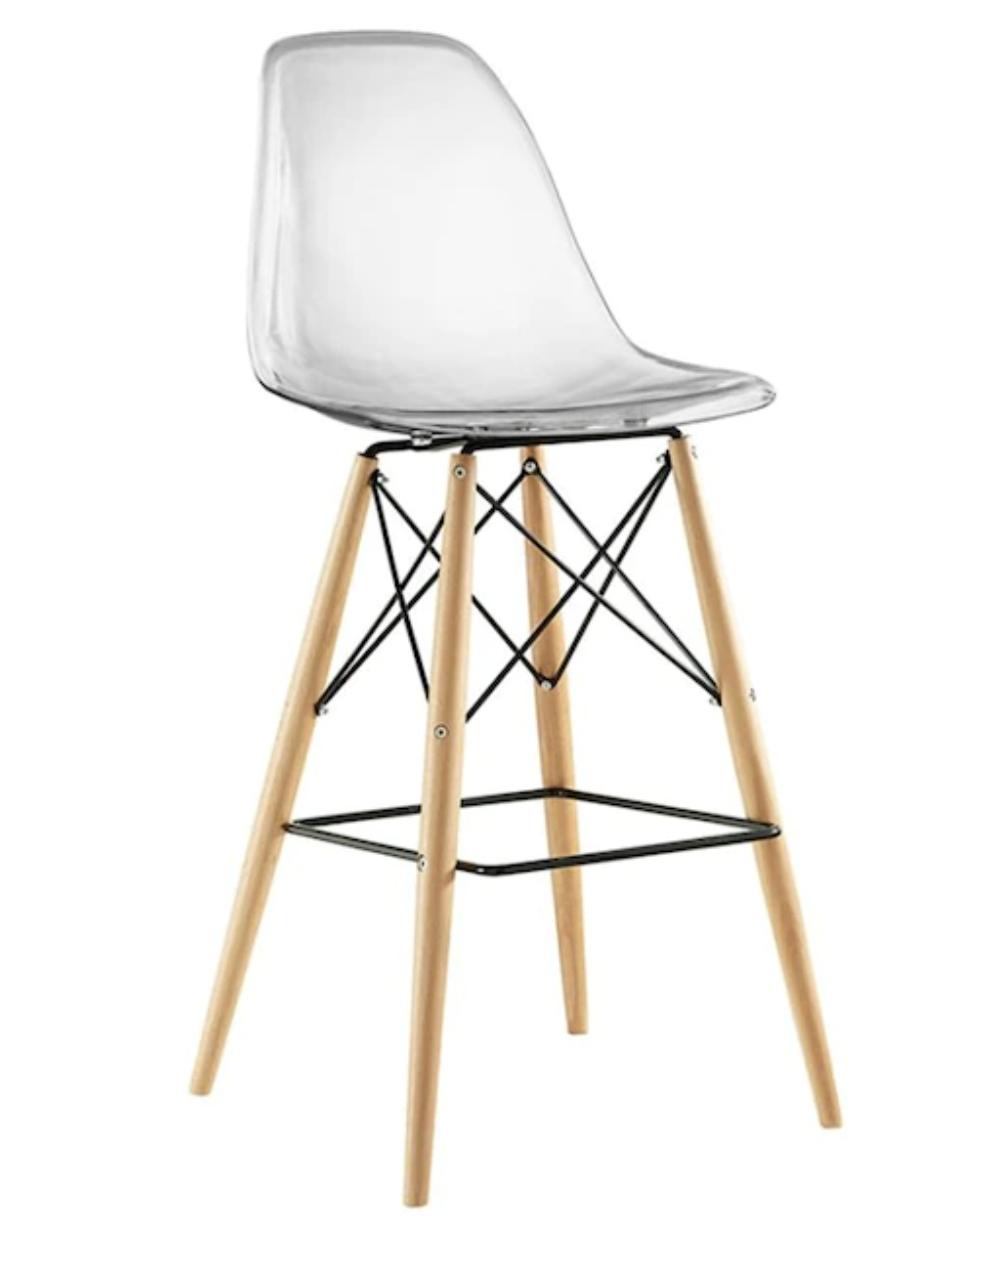 the acrylic chair